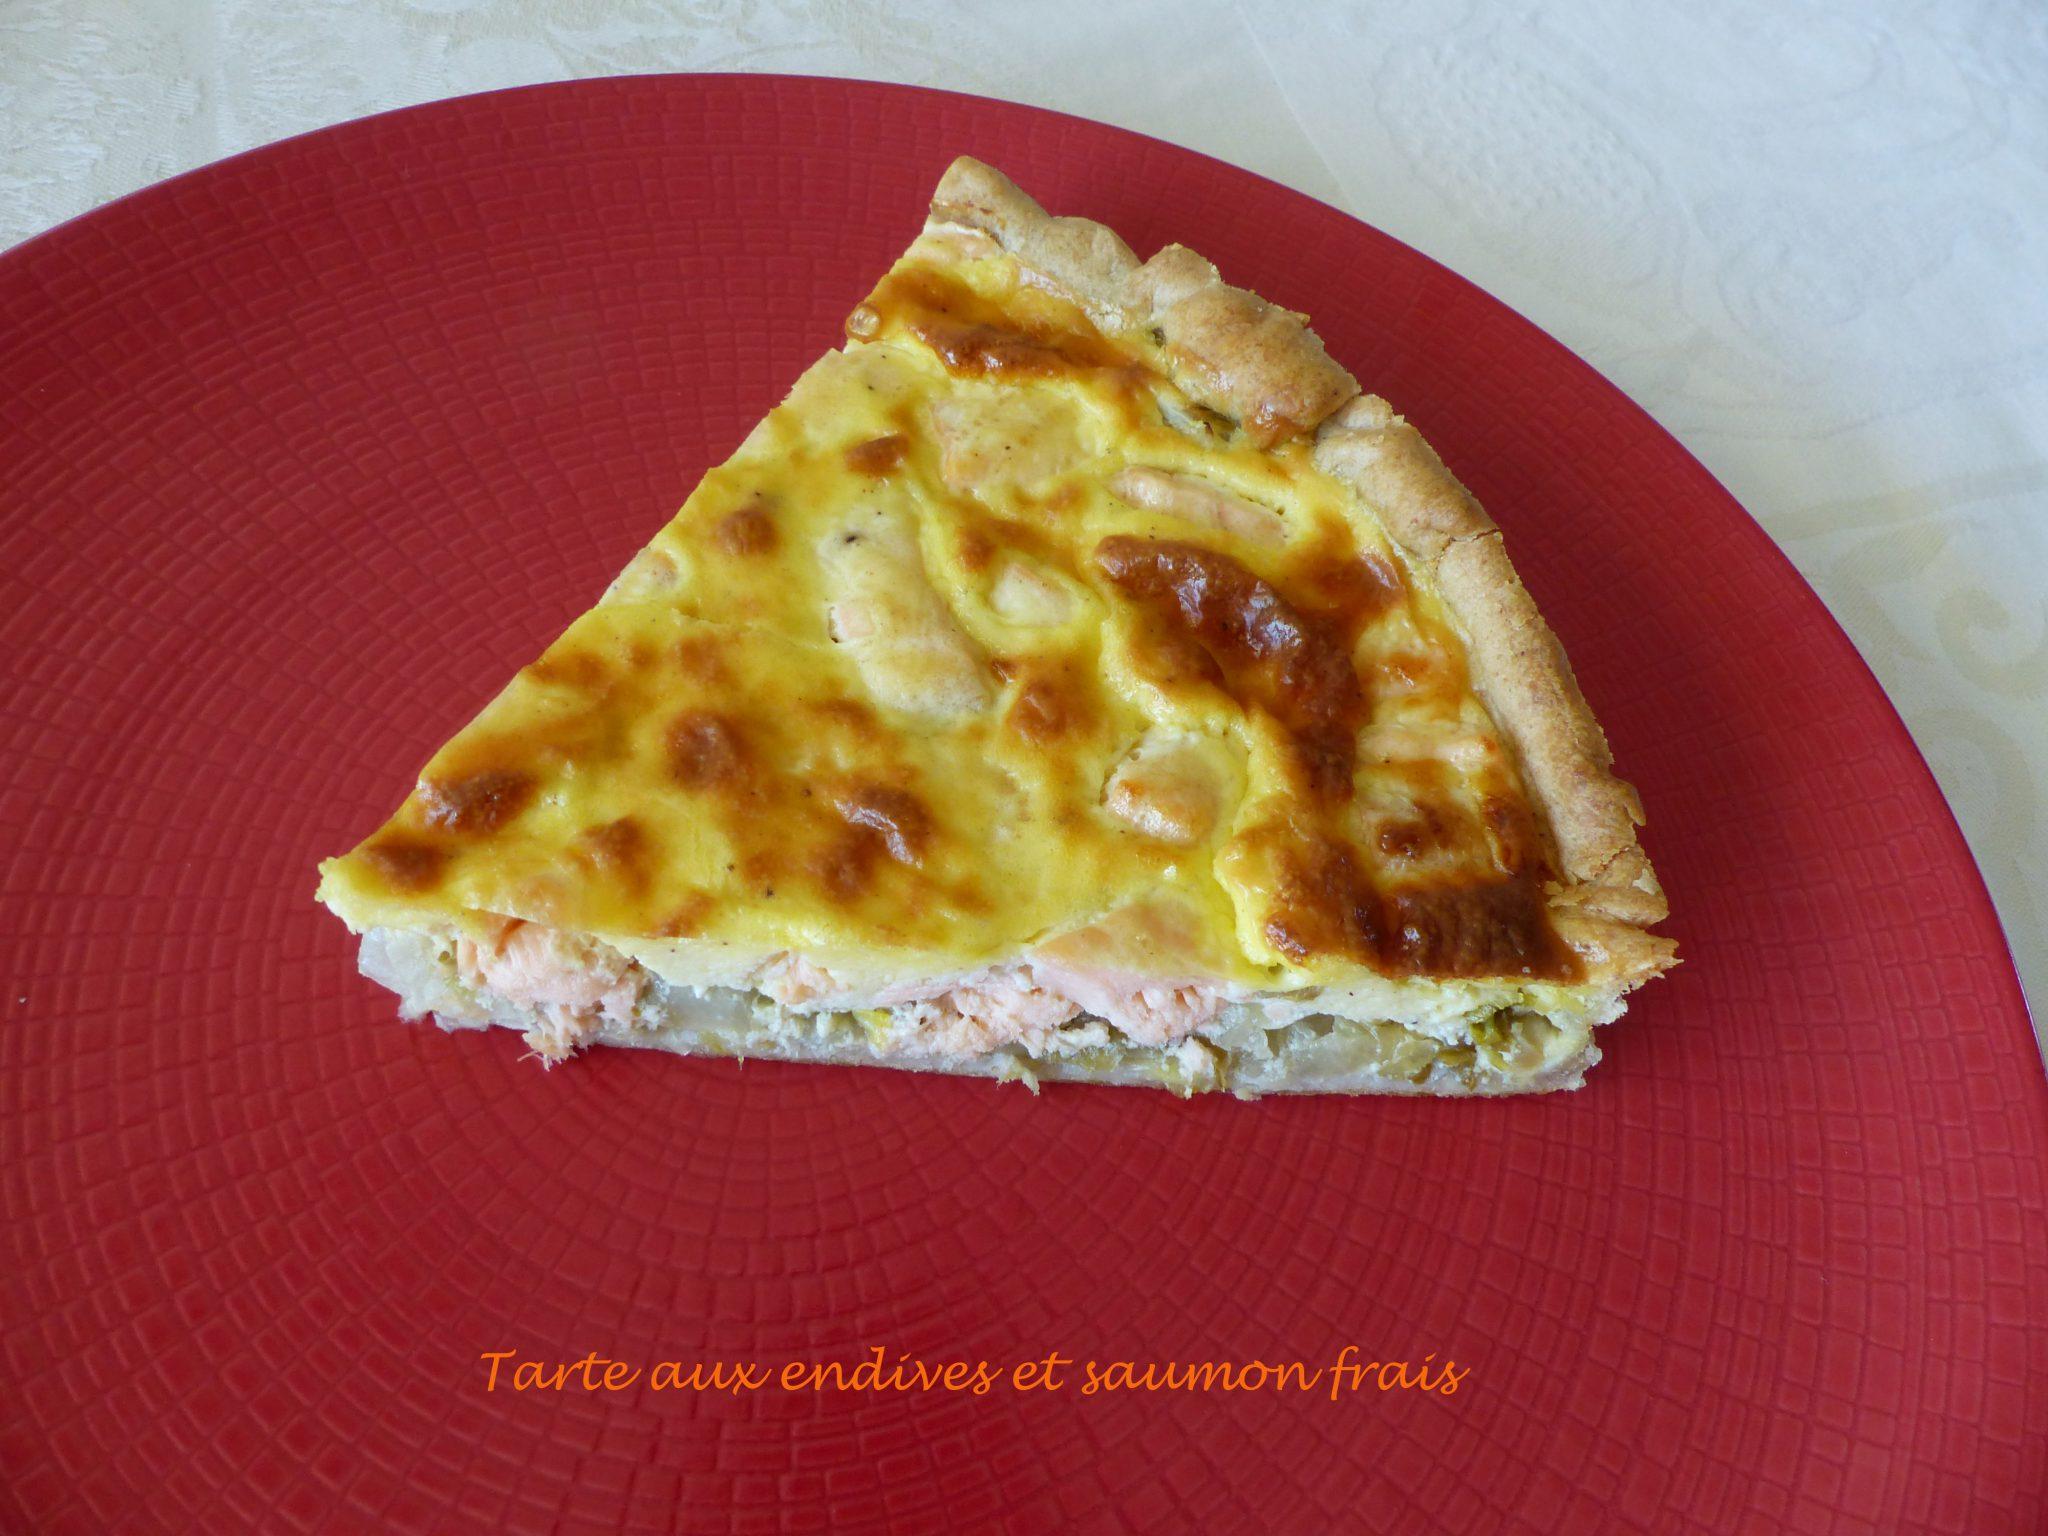 Tarte aux endives et saumon frais P1080264 R